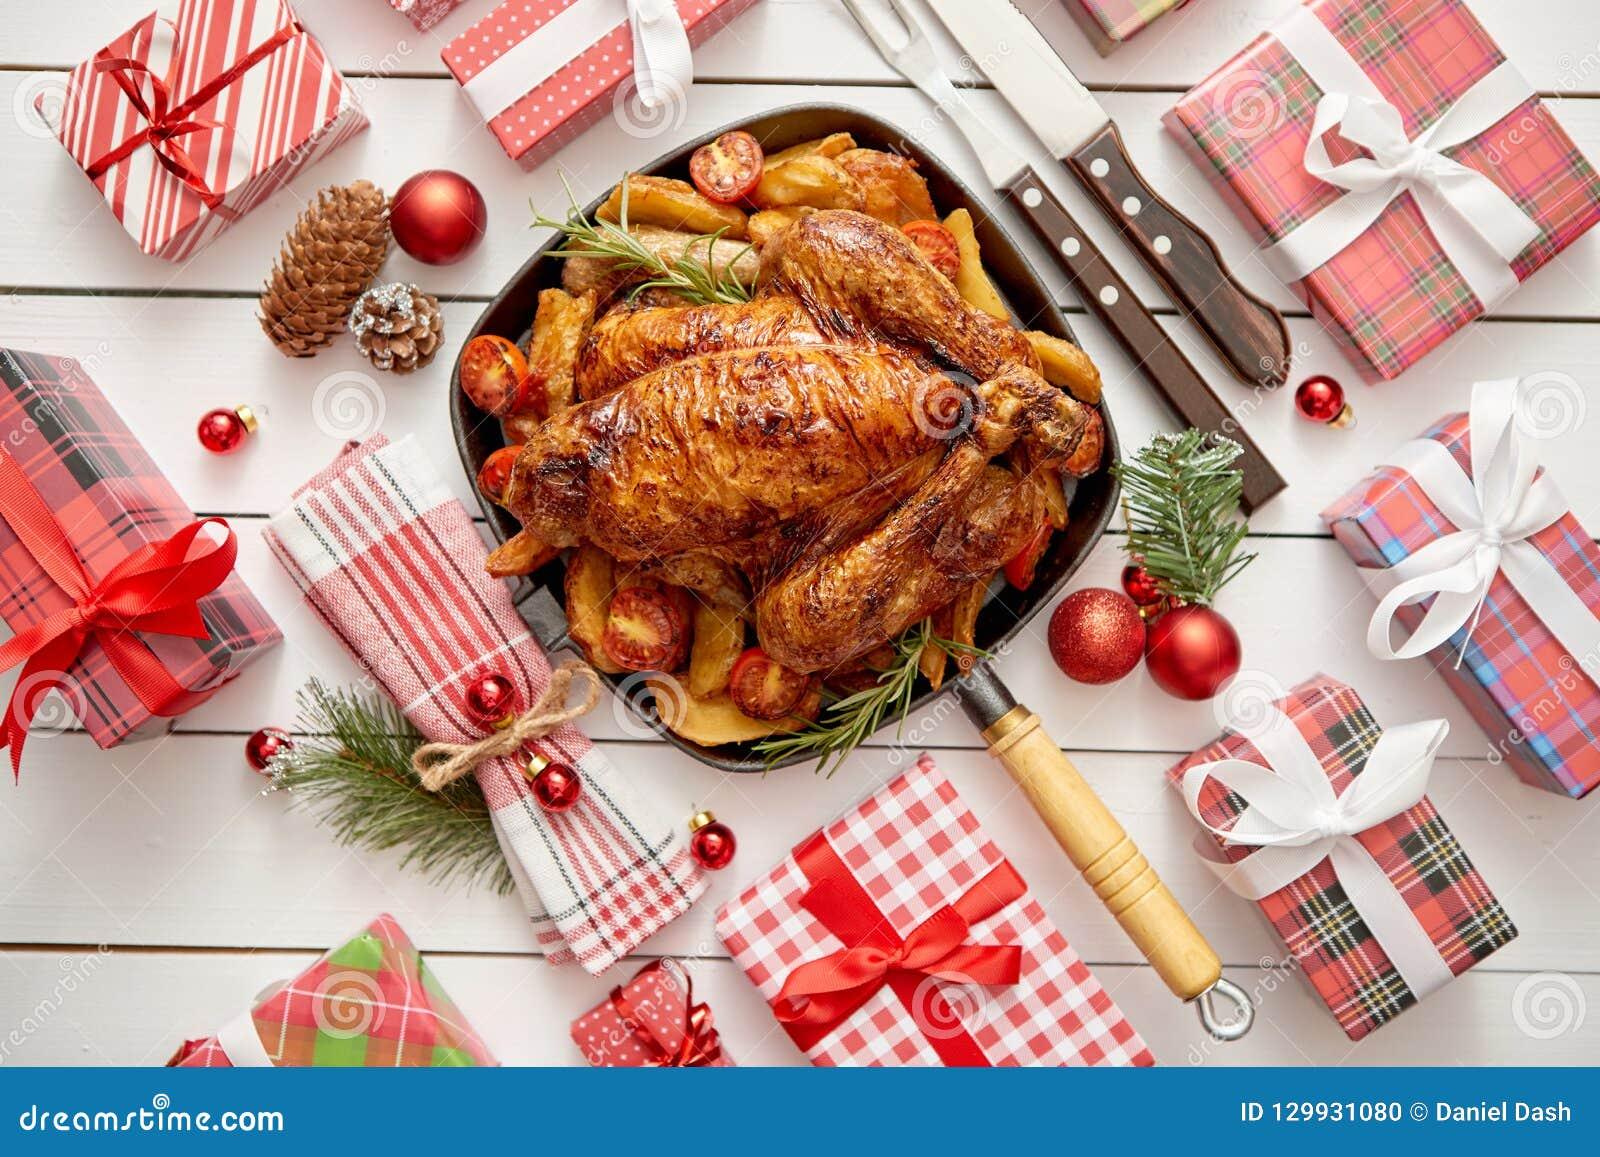 Ψημένη ολόκληρη κοτόπουλο ή Τουρκία που εξυπηρετείται στο τηγάνι σιδήρου με τη διακόσμηση Χριστουγέννων